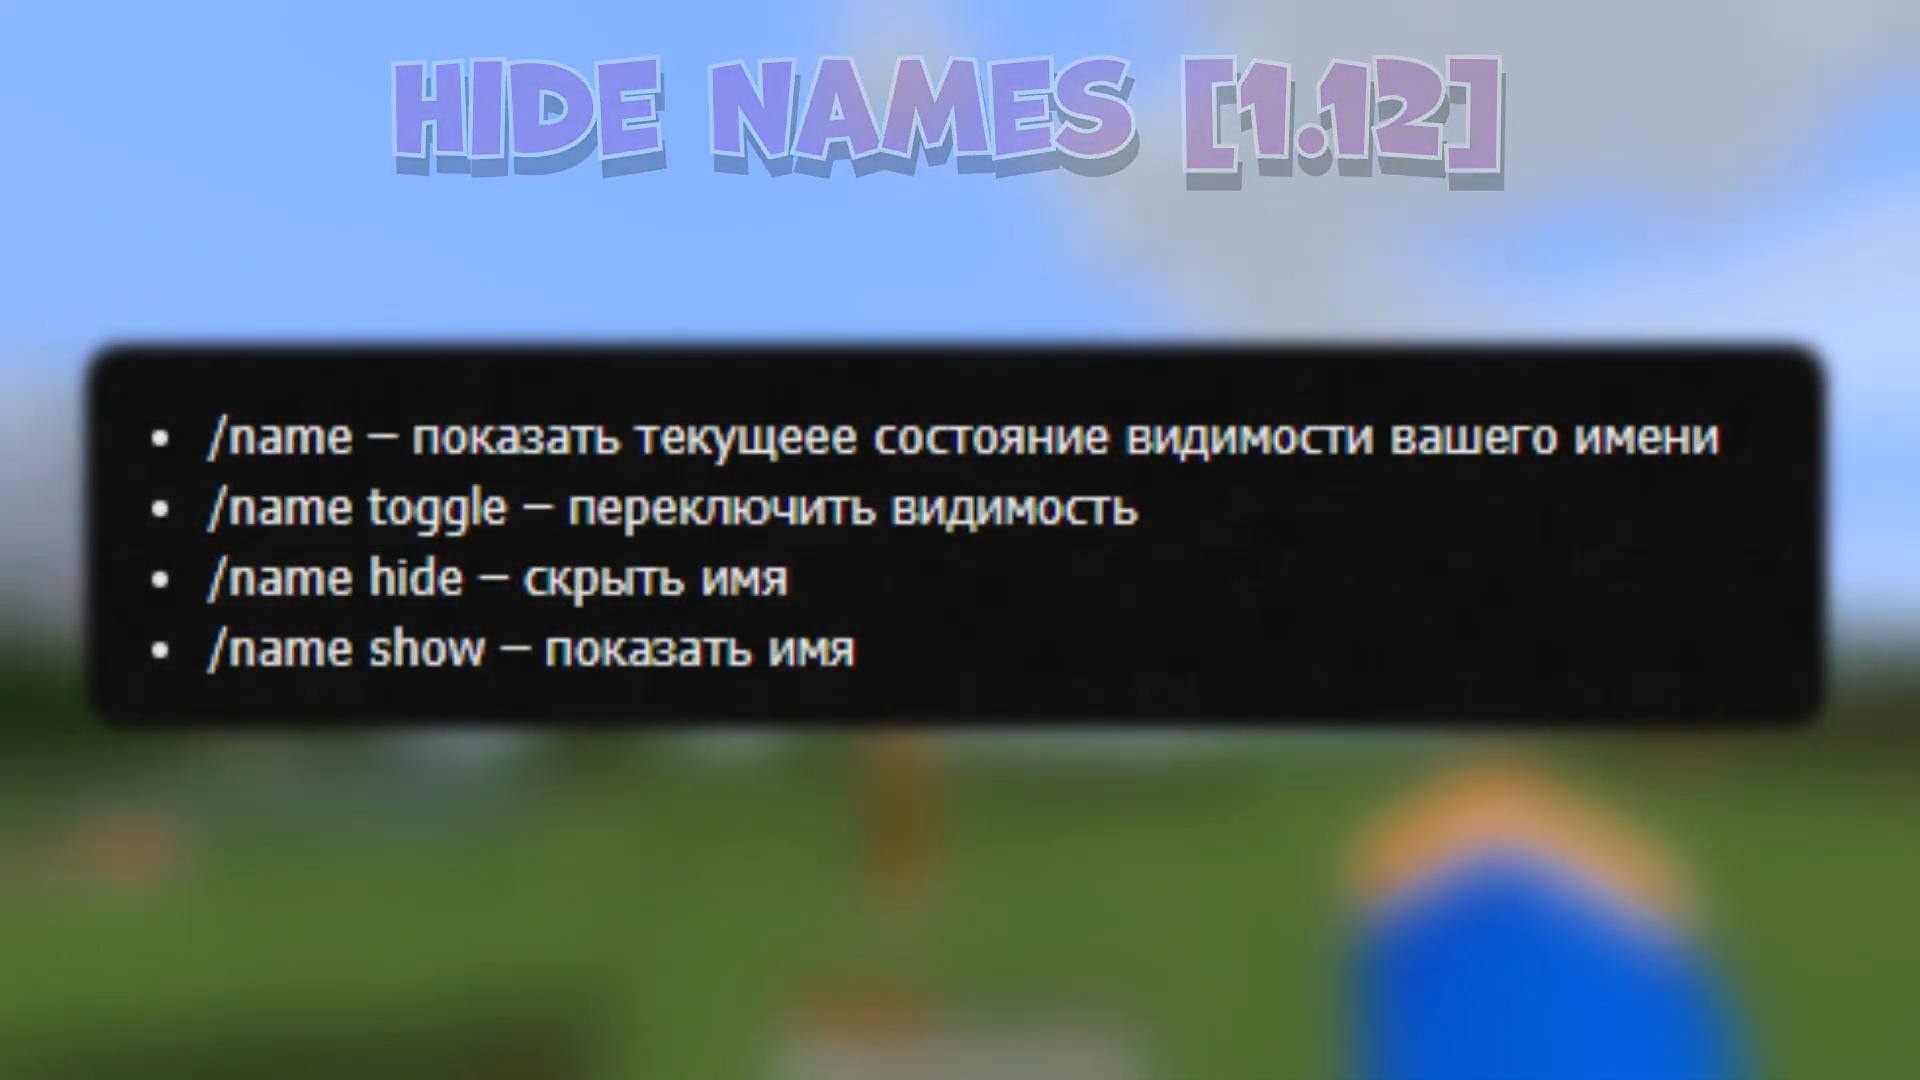 Мод «Hide Names» (Скрытие ника) - скриншот 1